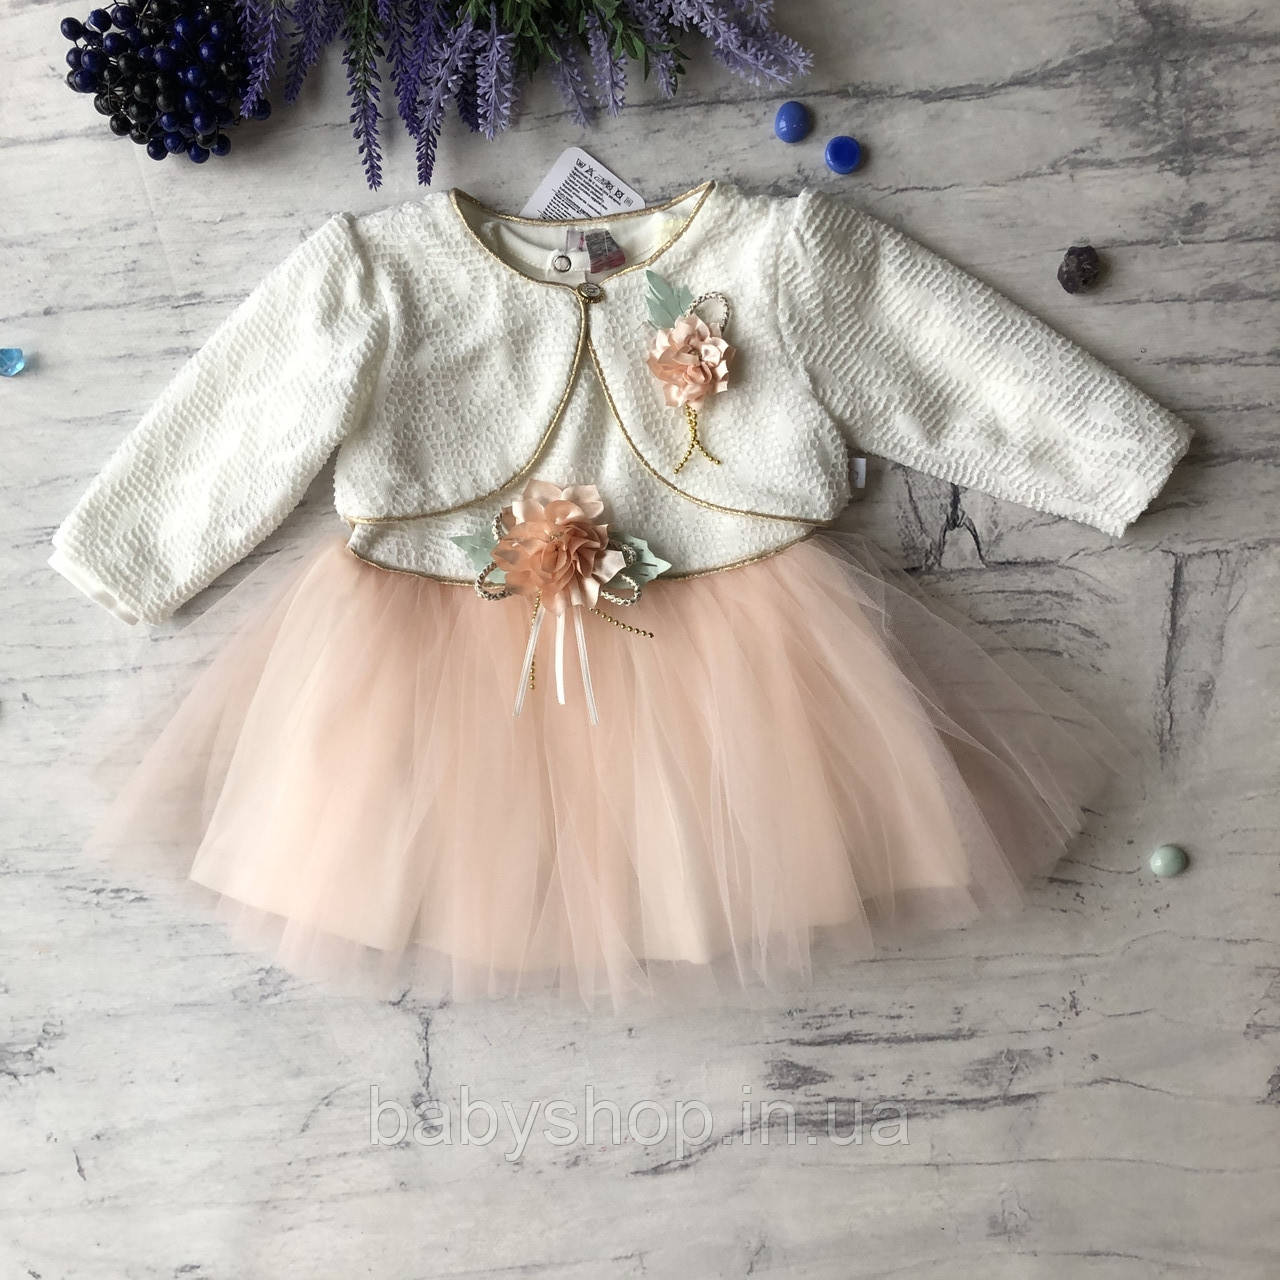 Нарядное платье на девочку 267. Размер 74 см, 80 см, 86 см